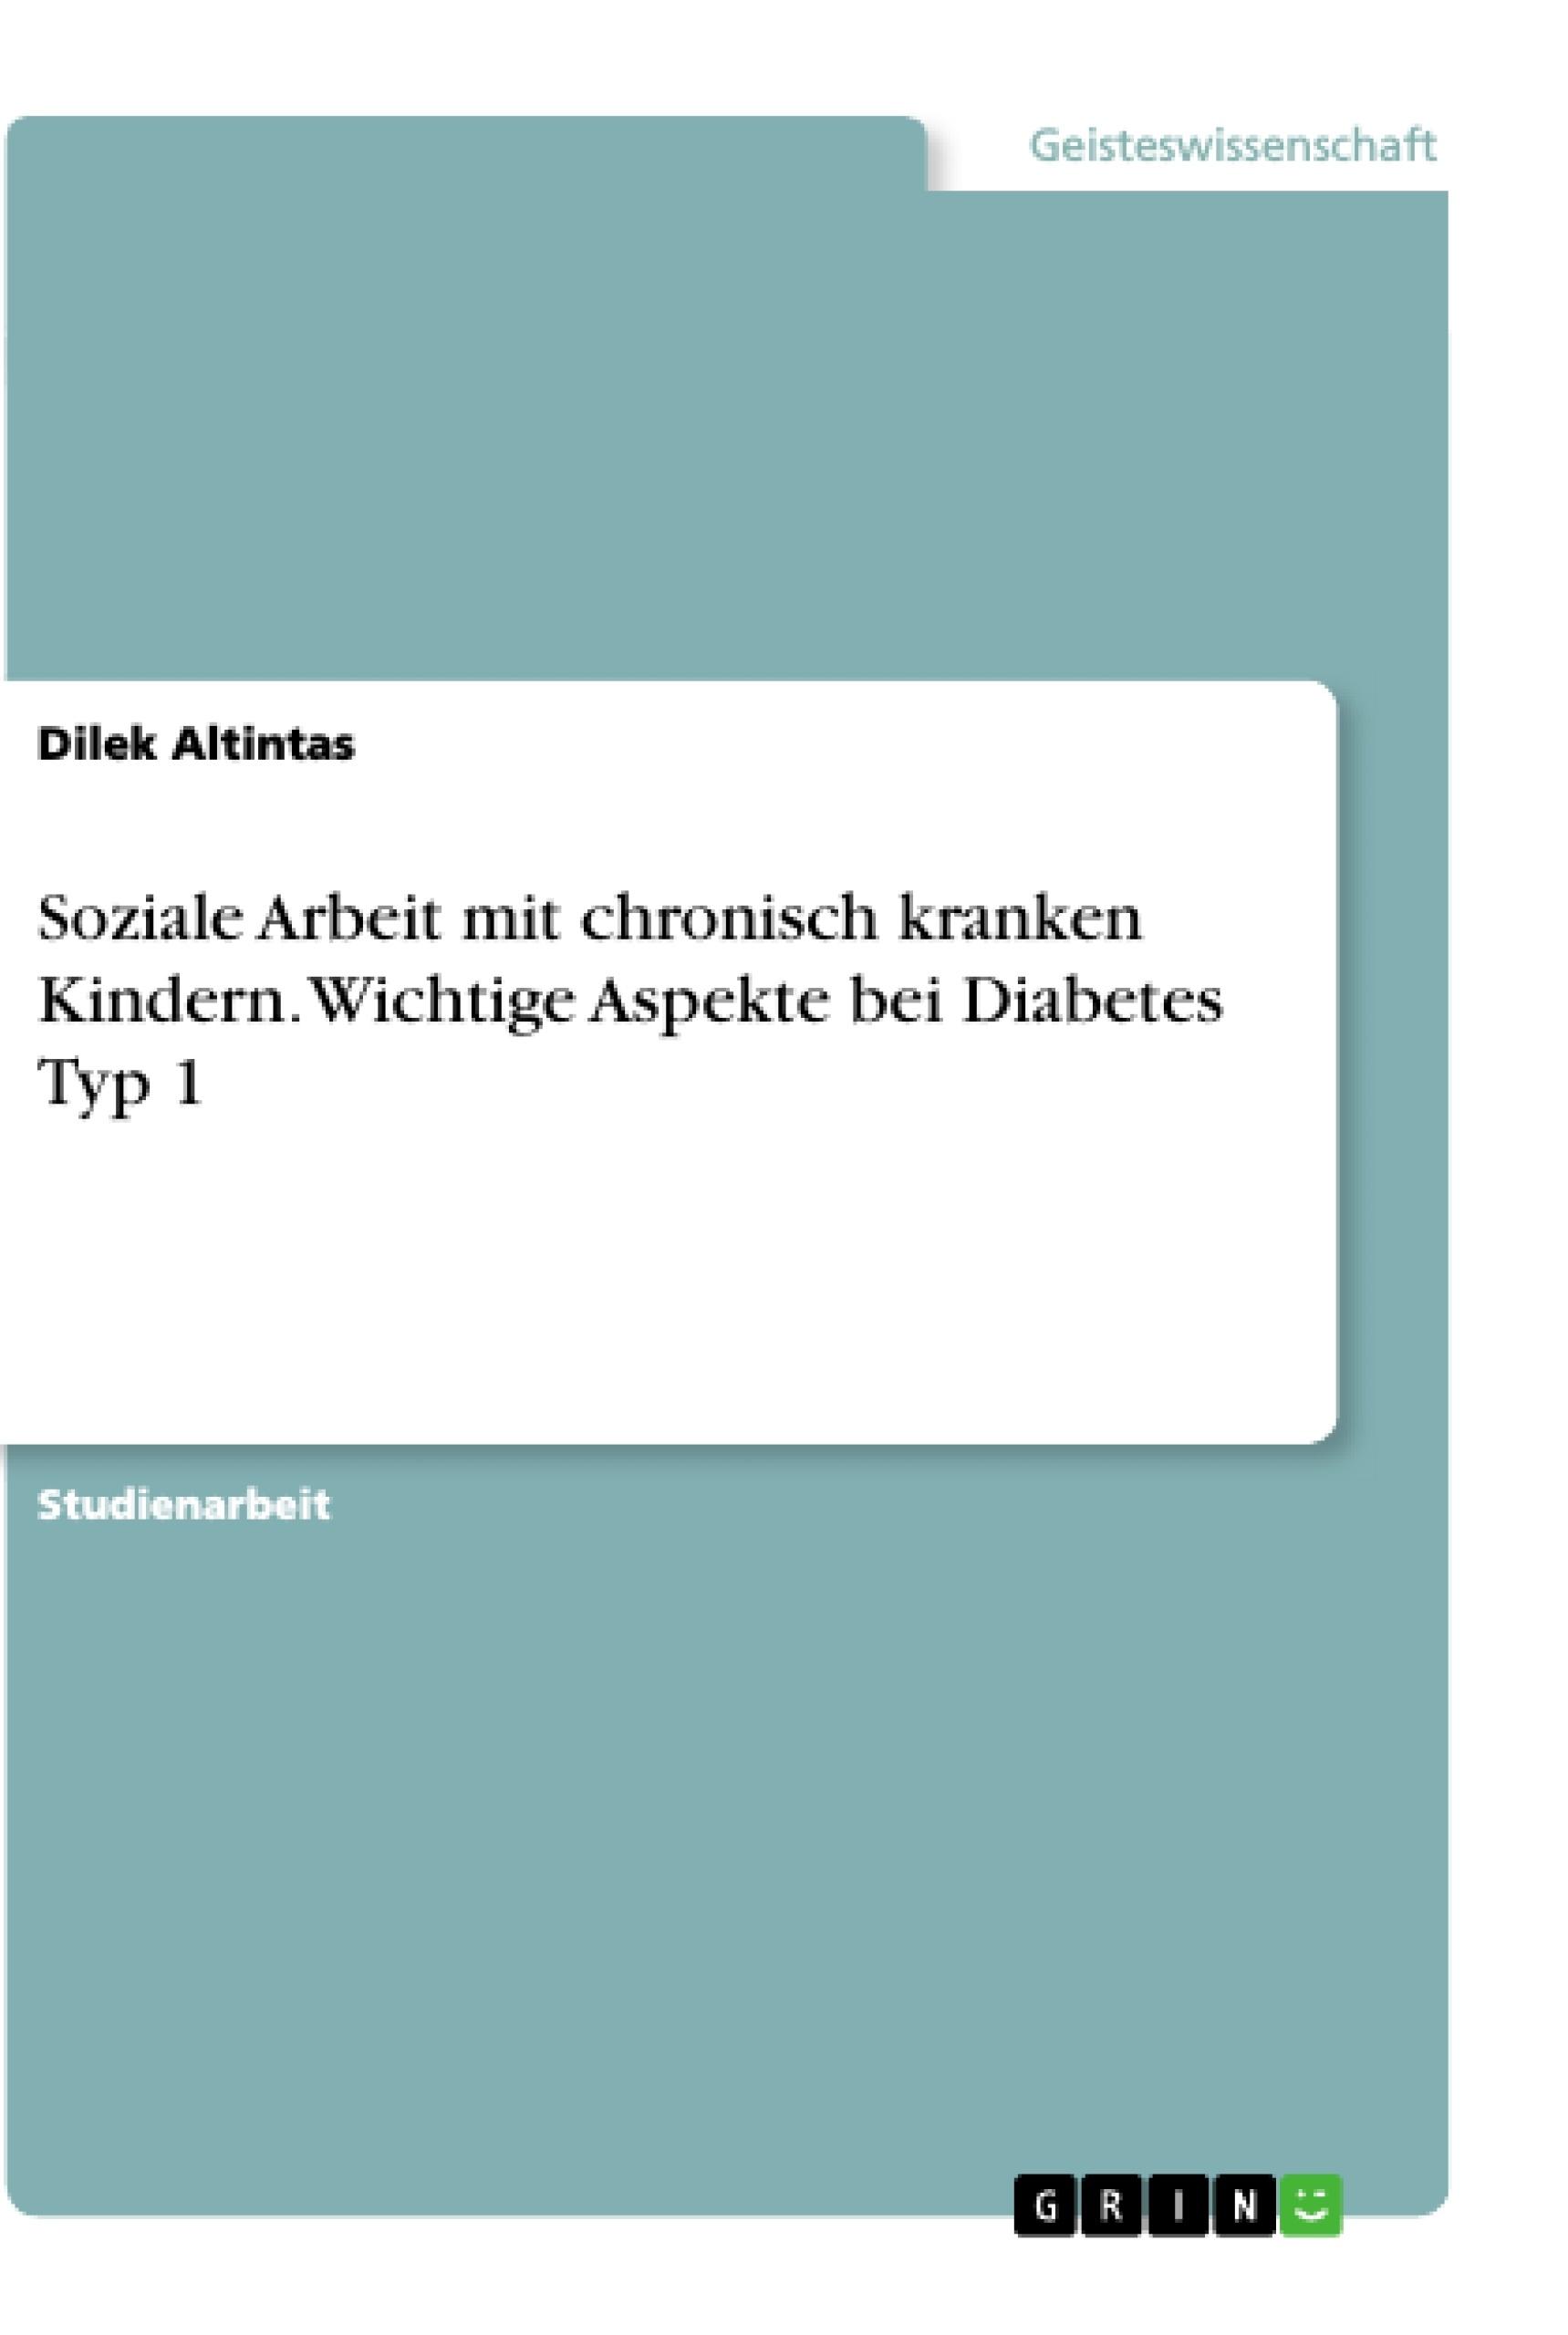 Titel: Soziale Arbeit mit chronisch kranken Kindern. Wichtige Aspekte bei Diabetes Typ 1